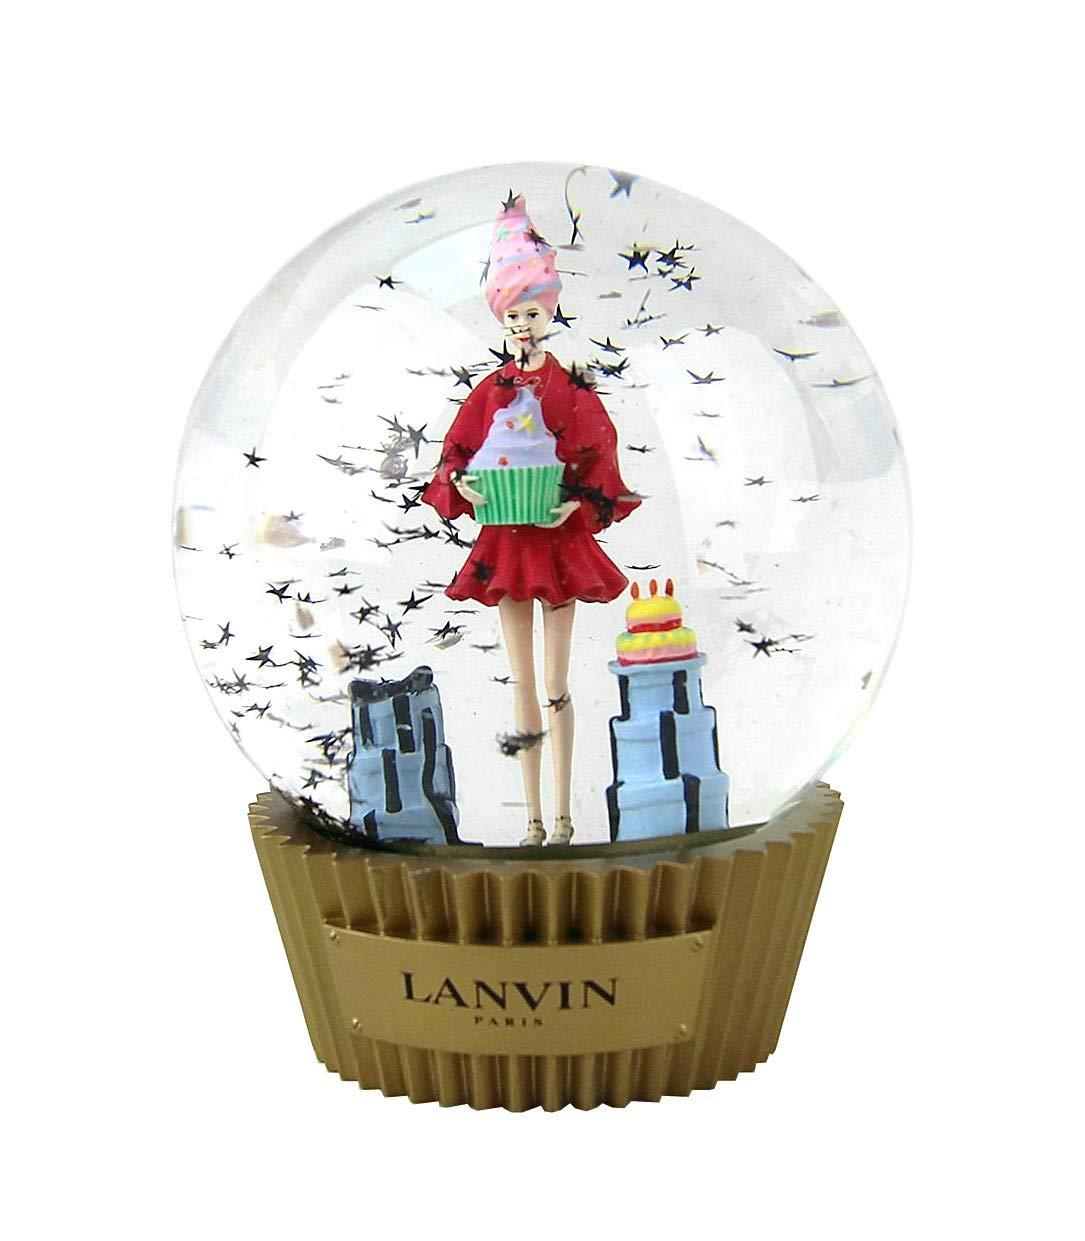 LANVIN Boule a Neige Snow Ball Paris Christmas Globe